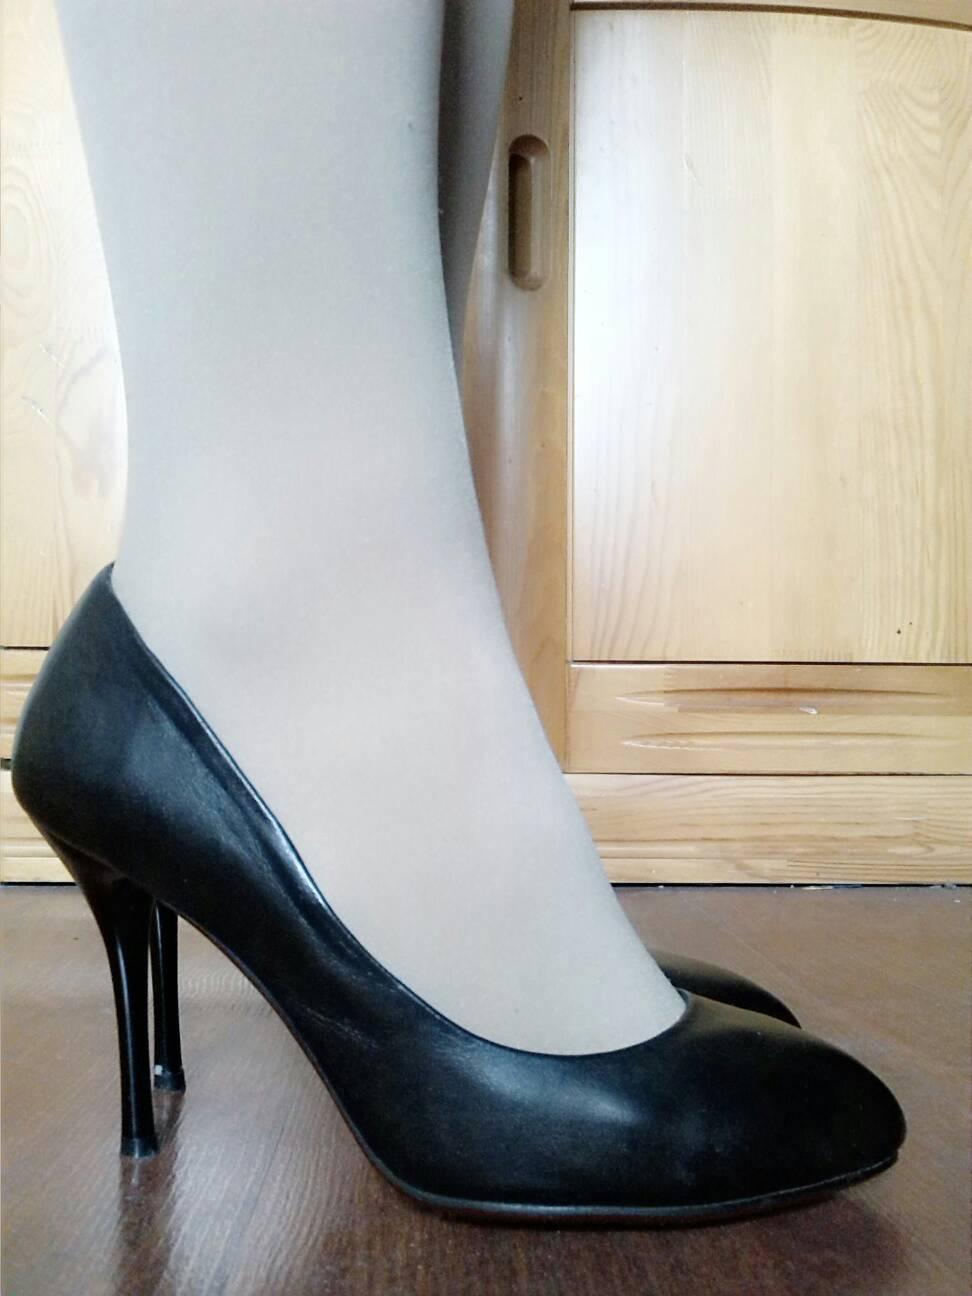 1 分鐘前 芭蕾love炫舞|來自手機知道|六級 這是我的高跟鞋,9厘米的圖片